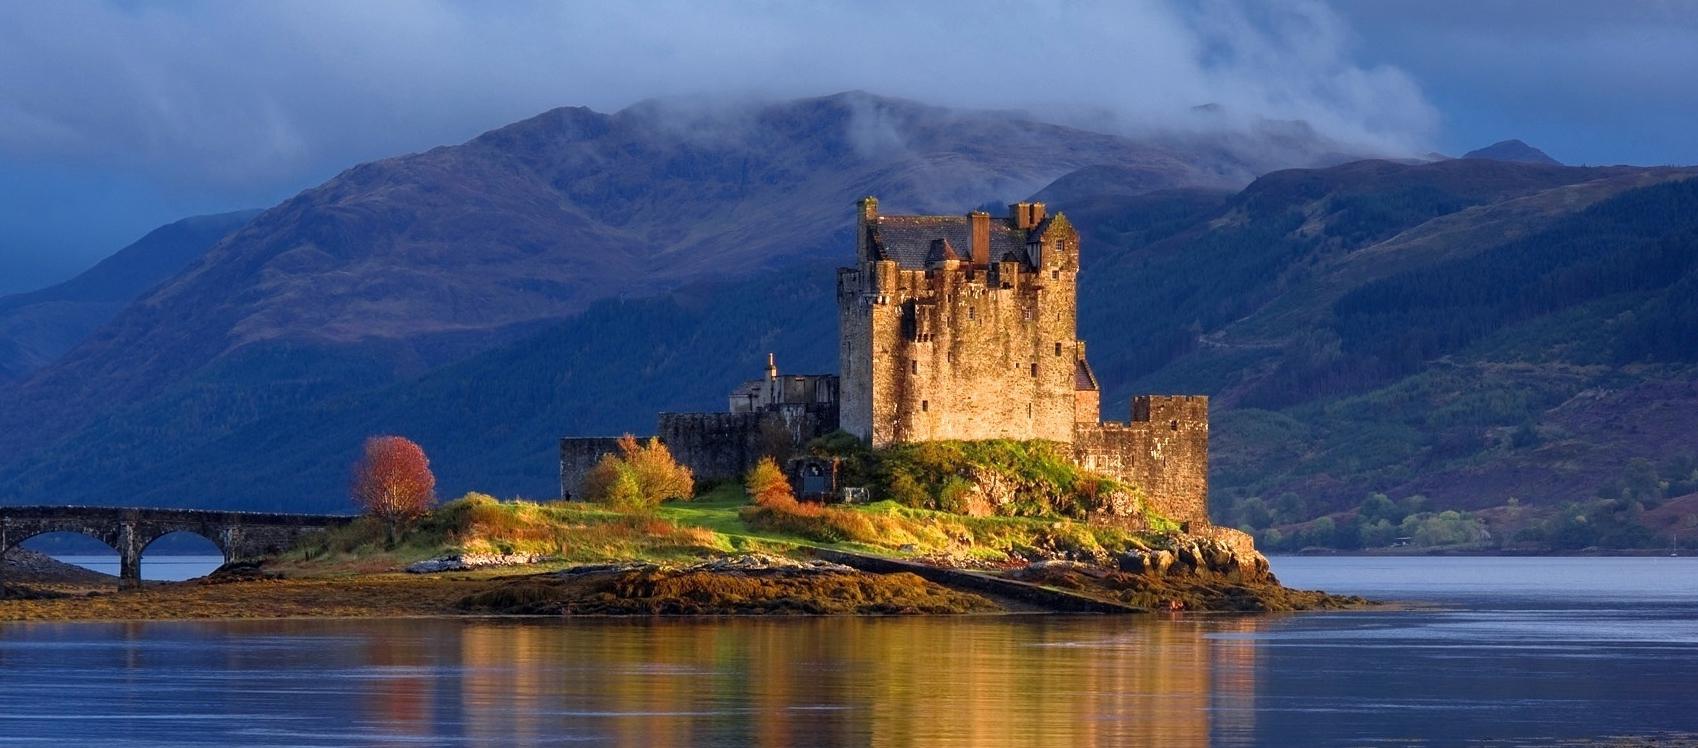 Risultati immagini per castelli scozia classica